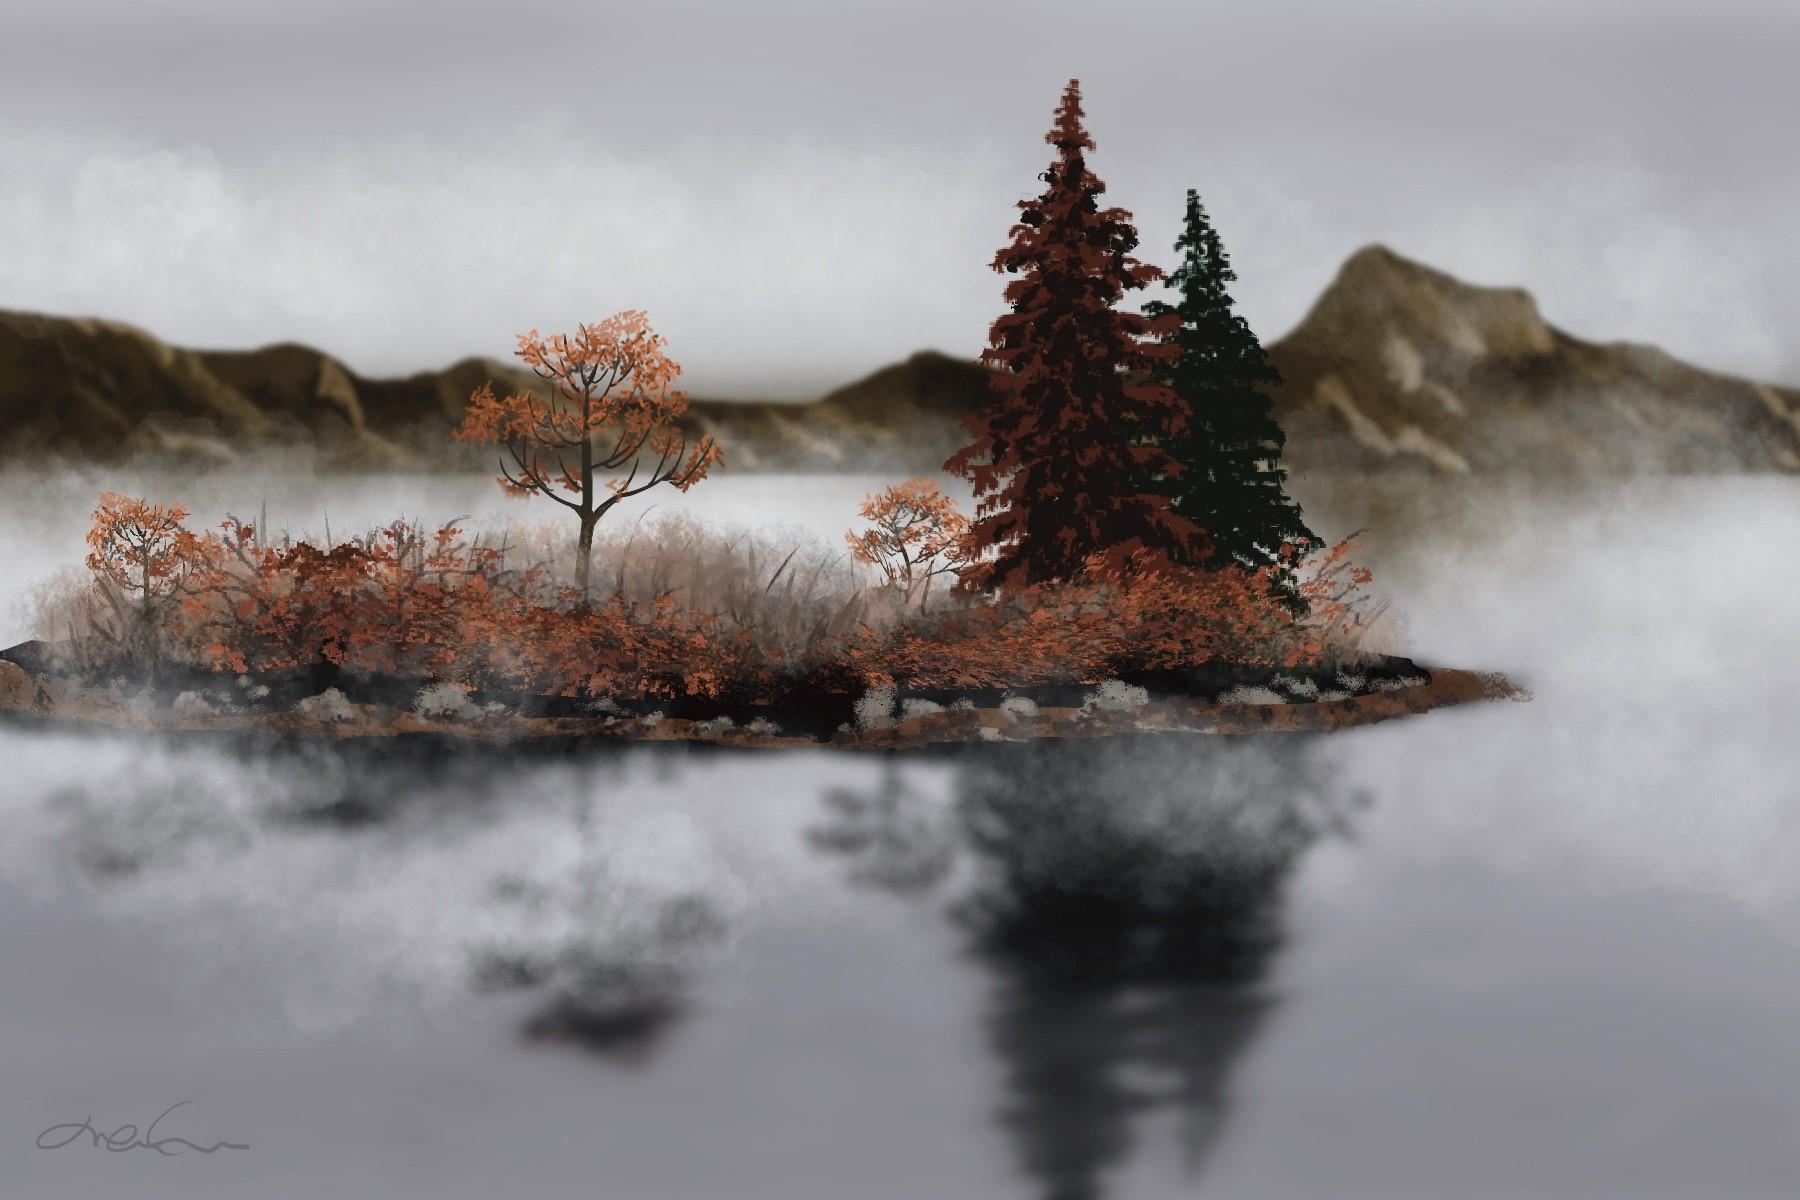 Vers le silence de l'hiver